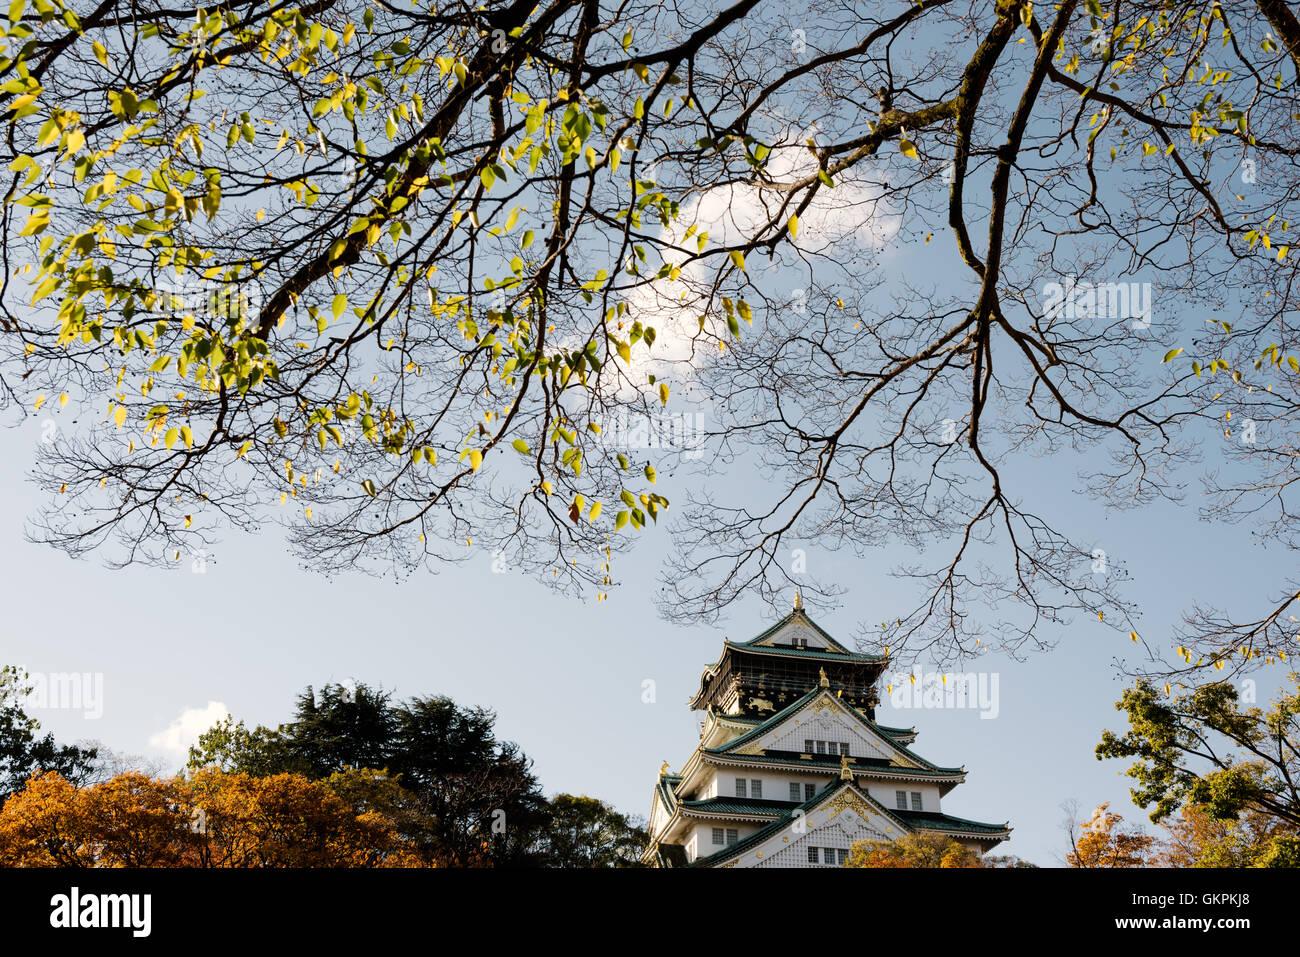 Osaka, Japon - 11 novembre 2015: la ville d'Osaka. Le Château d'Osaka est visible sur le côté droit. Banque D'Images